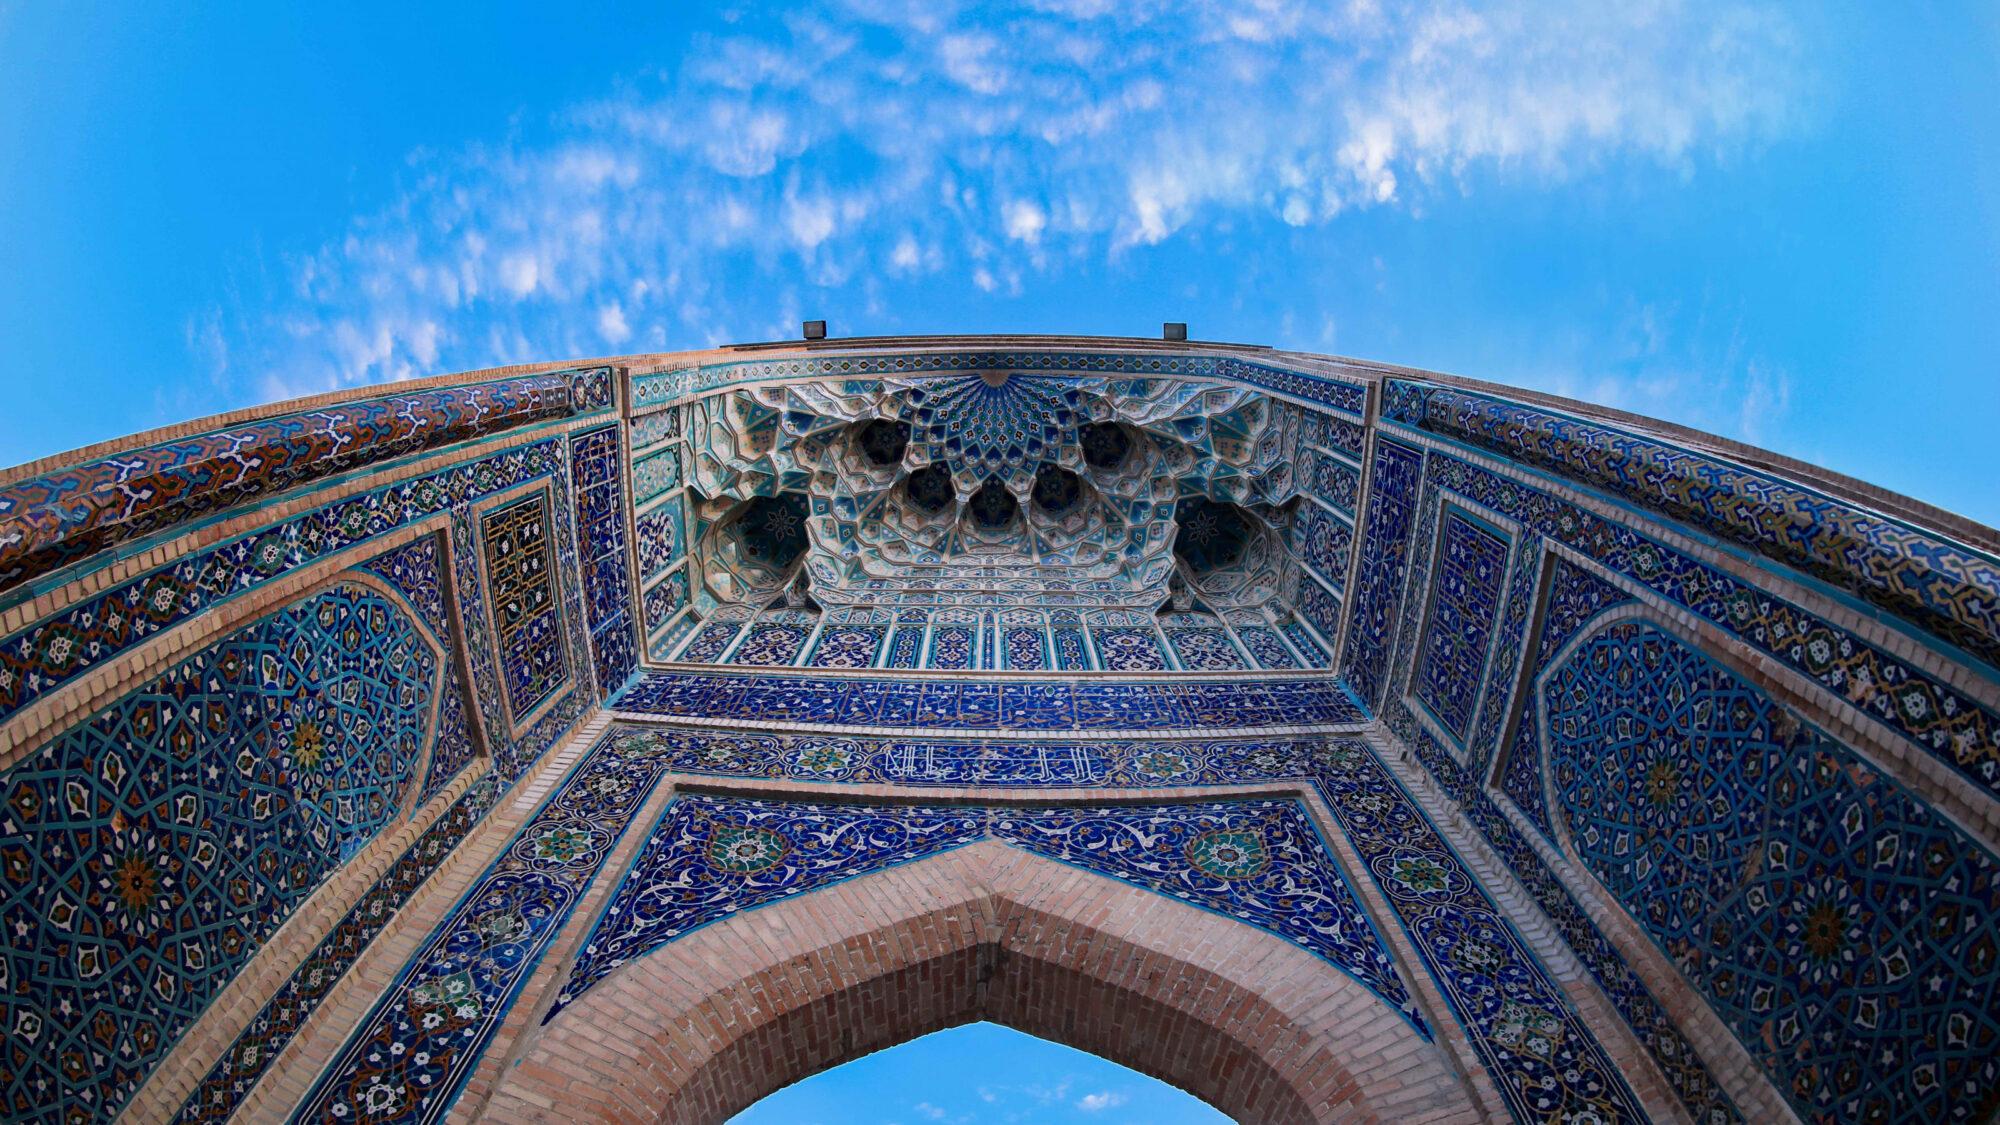 Samarkand arch